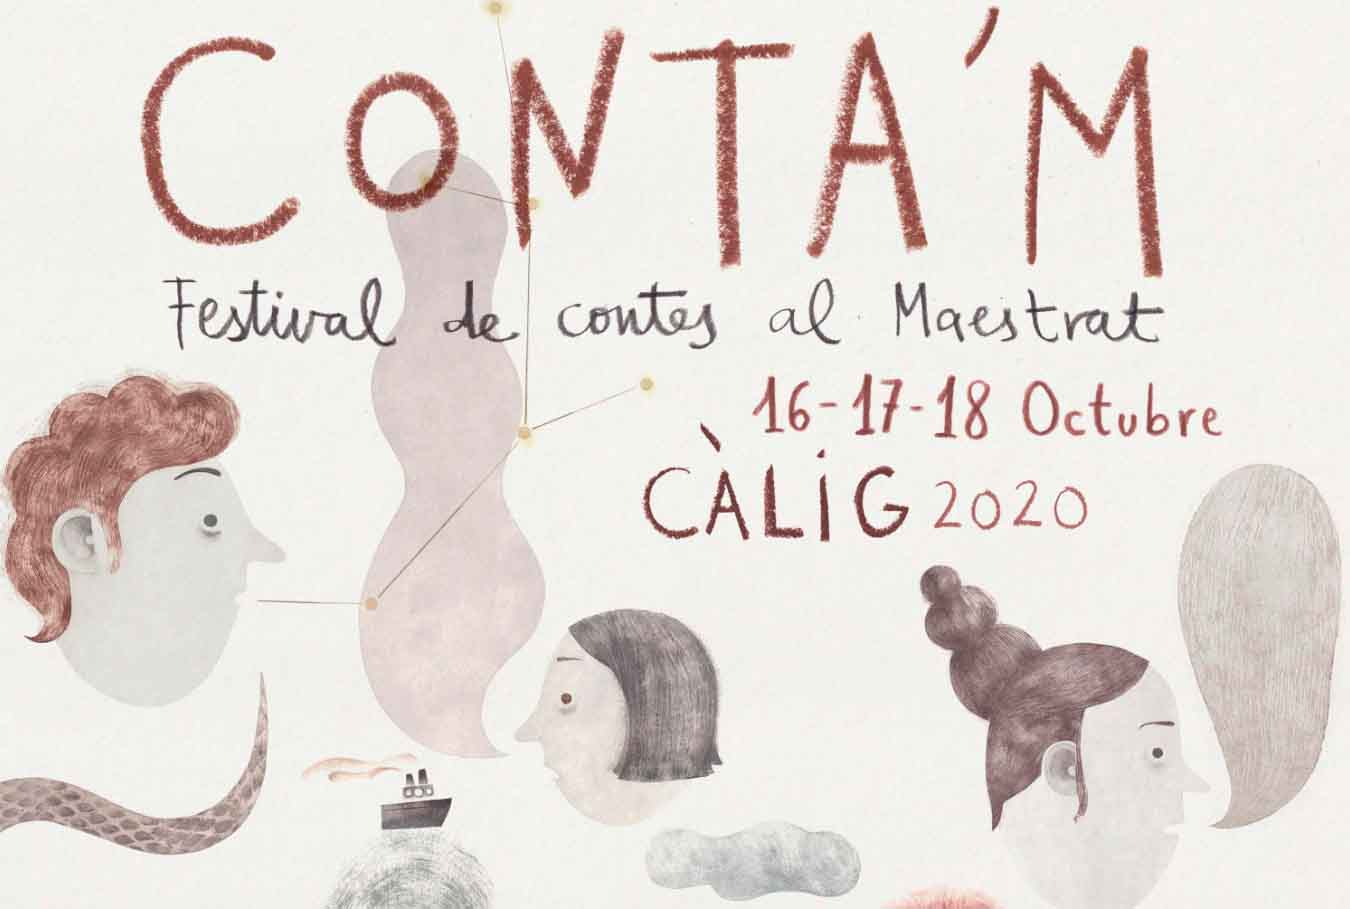 Arribaestecap de setmana el II Festival de Contes del MaestratConta'Ma Càlig